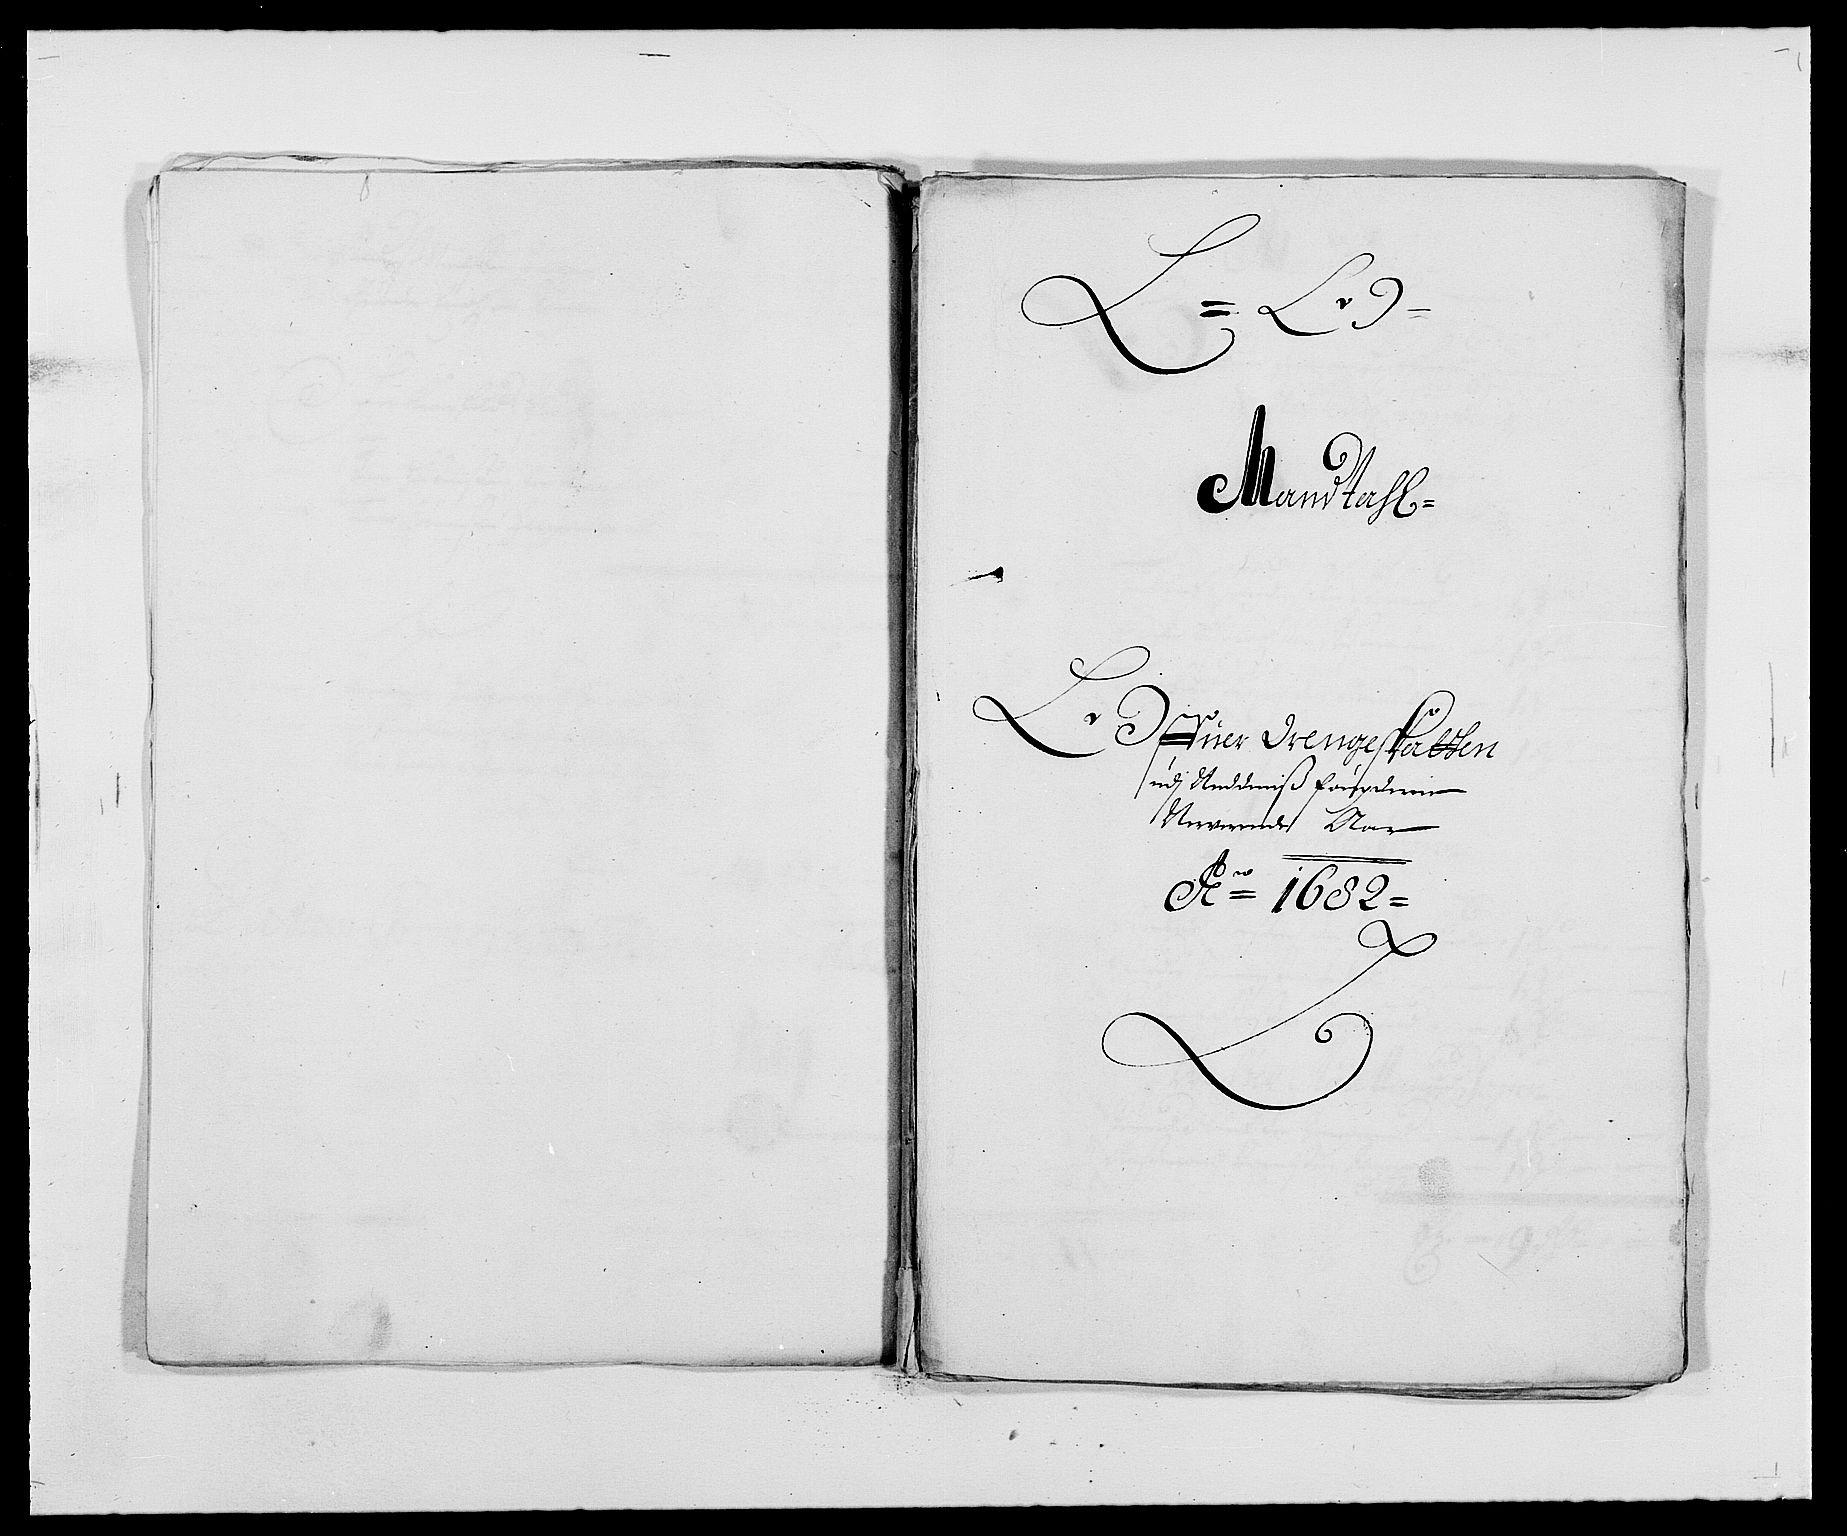 RA, Rentekammeret inntil 1814, Reviderte regnskaper, Fogderegnskap, R39/L2304: Fogderegnskap Nedenes, 1680-1682, s. 344